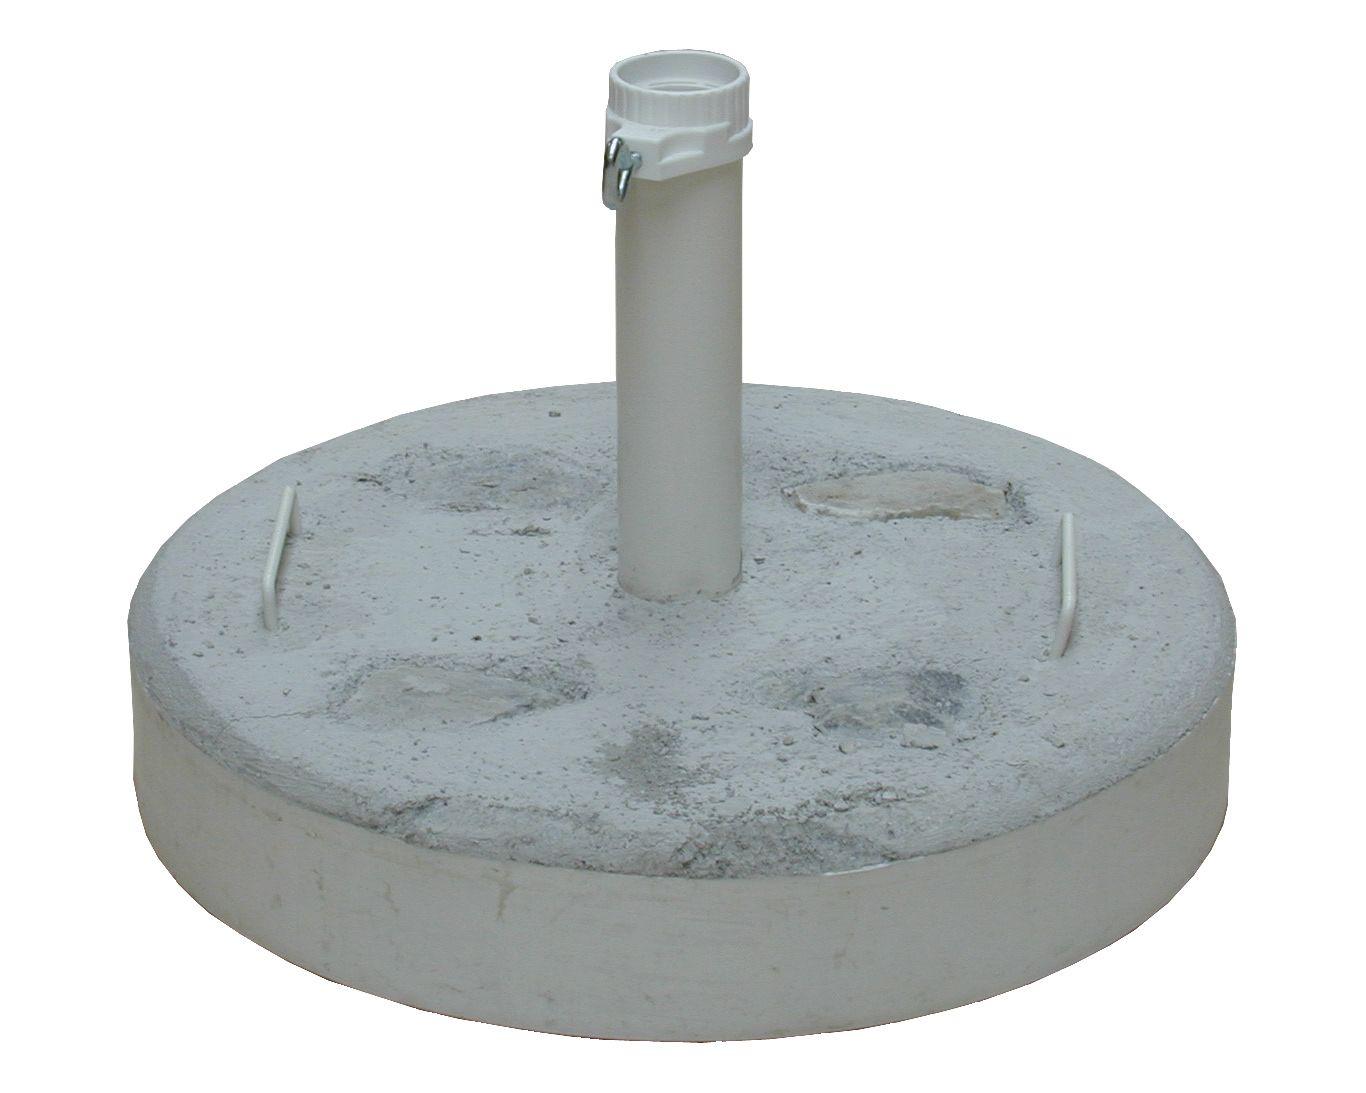 Betonständer Natursteindekor, 50 kg, Rohr weiß